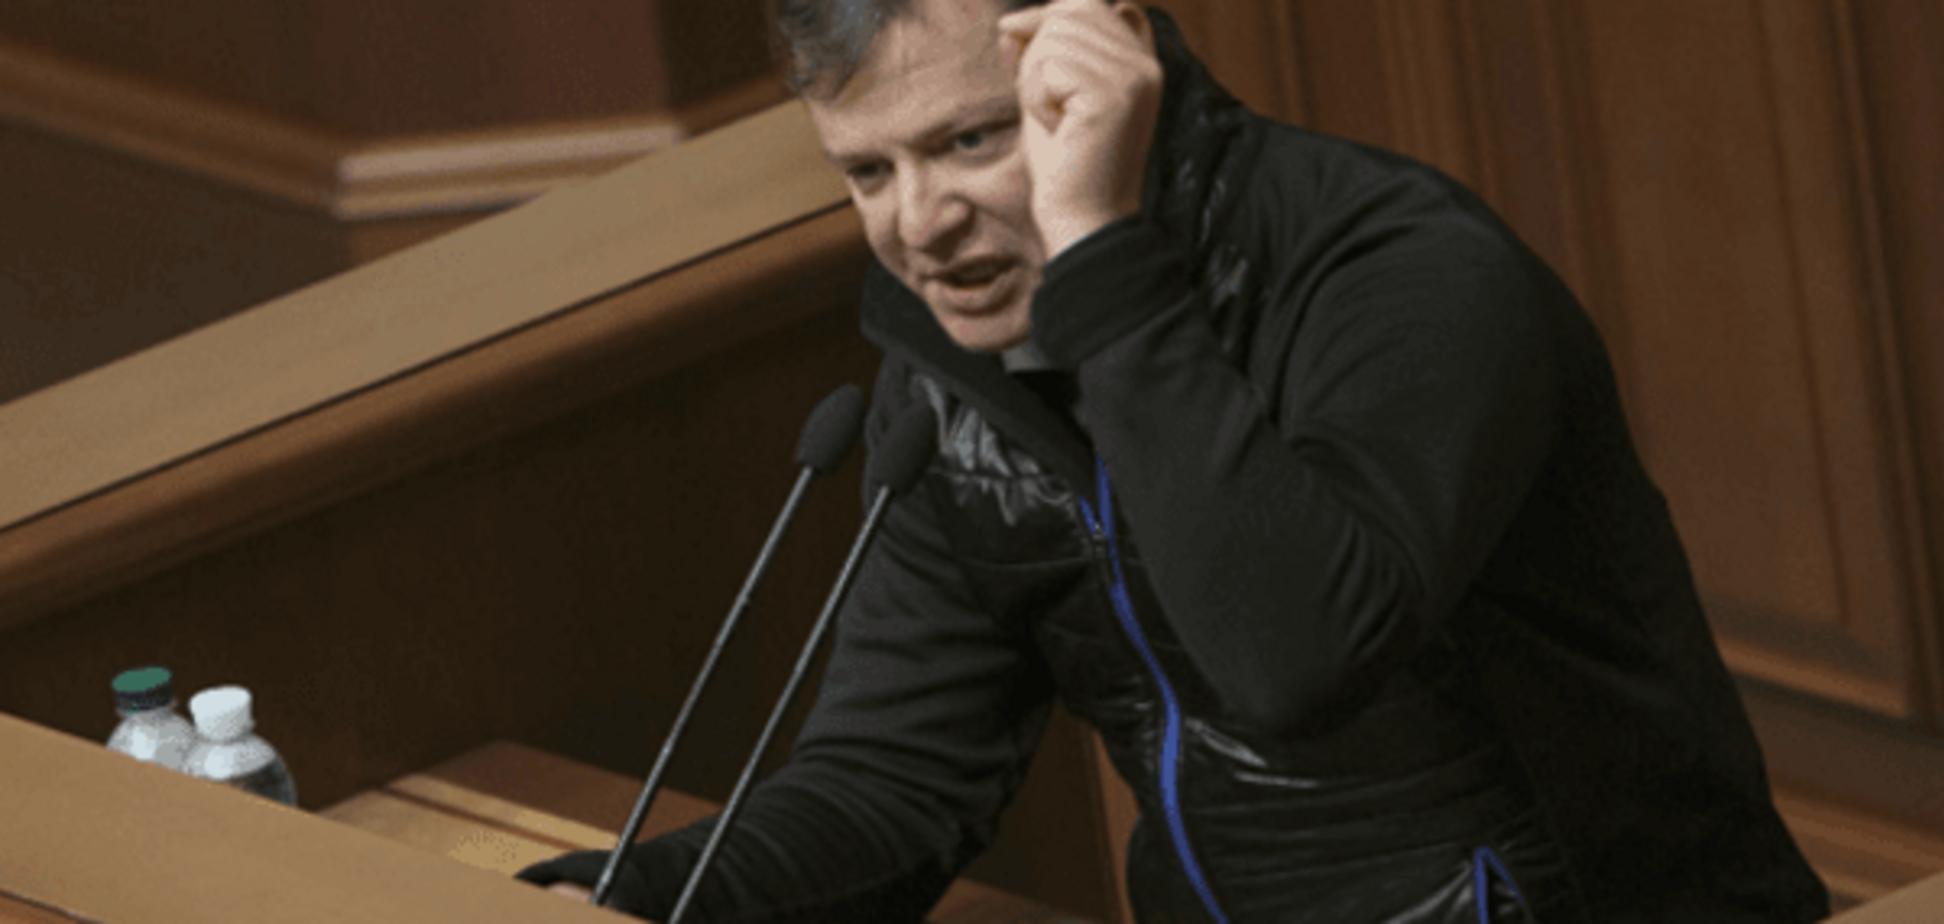 Потеряли $167 млн: Ляшко раскритиковал власть за провал в возврате денег Лазаренко